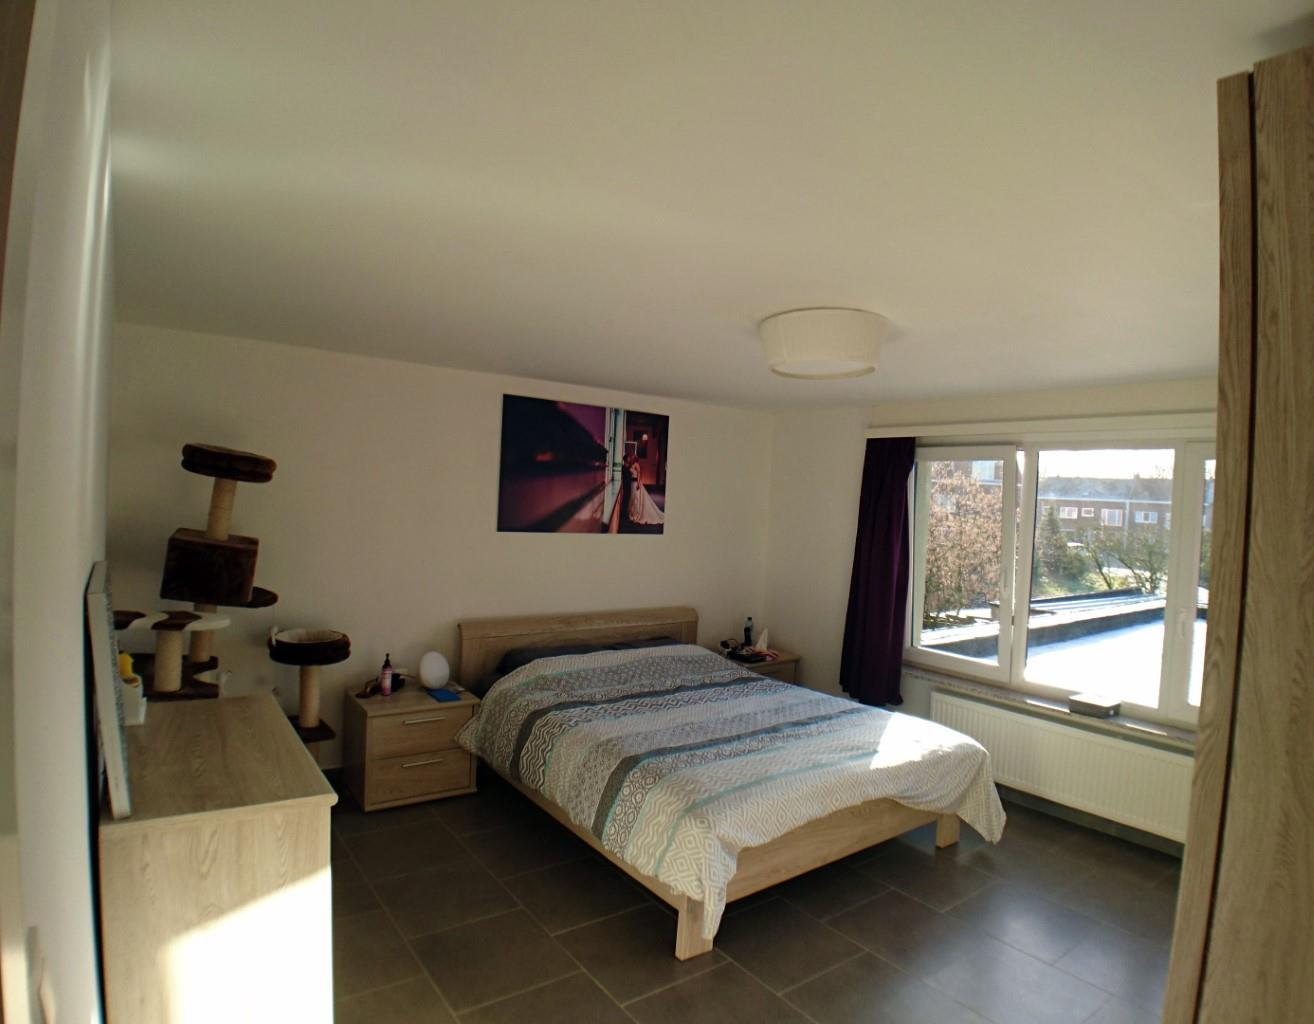 Uitzonderlijk appartement - Mechelen - #4347061-7